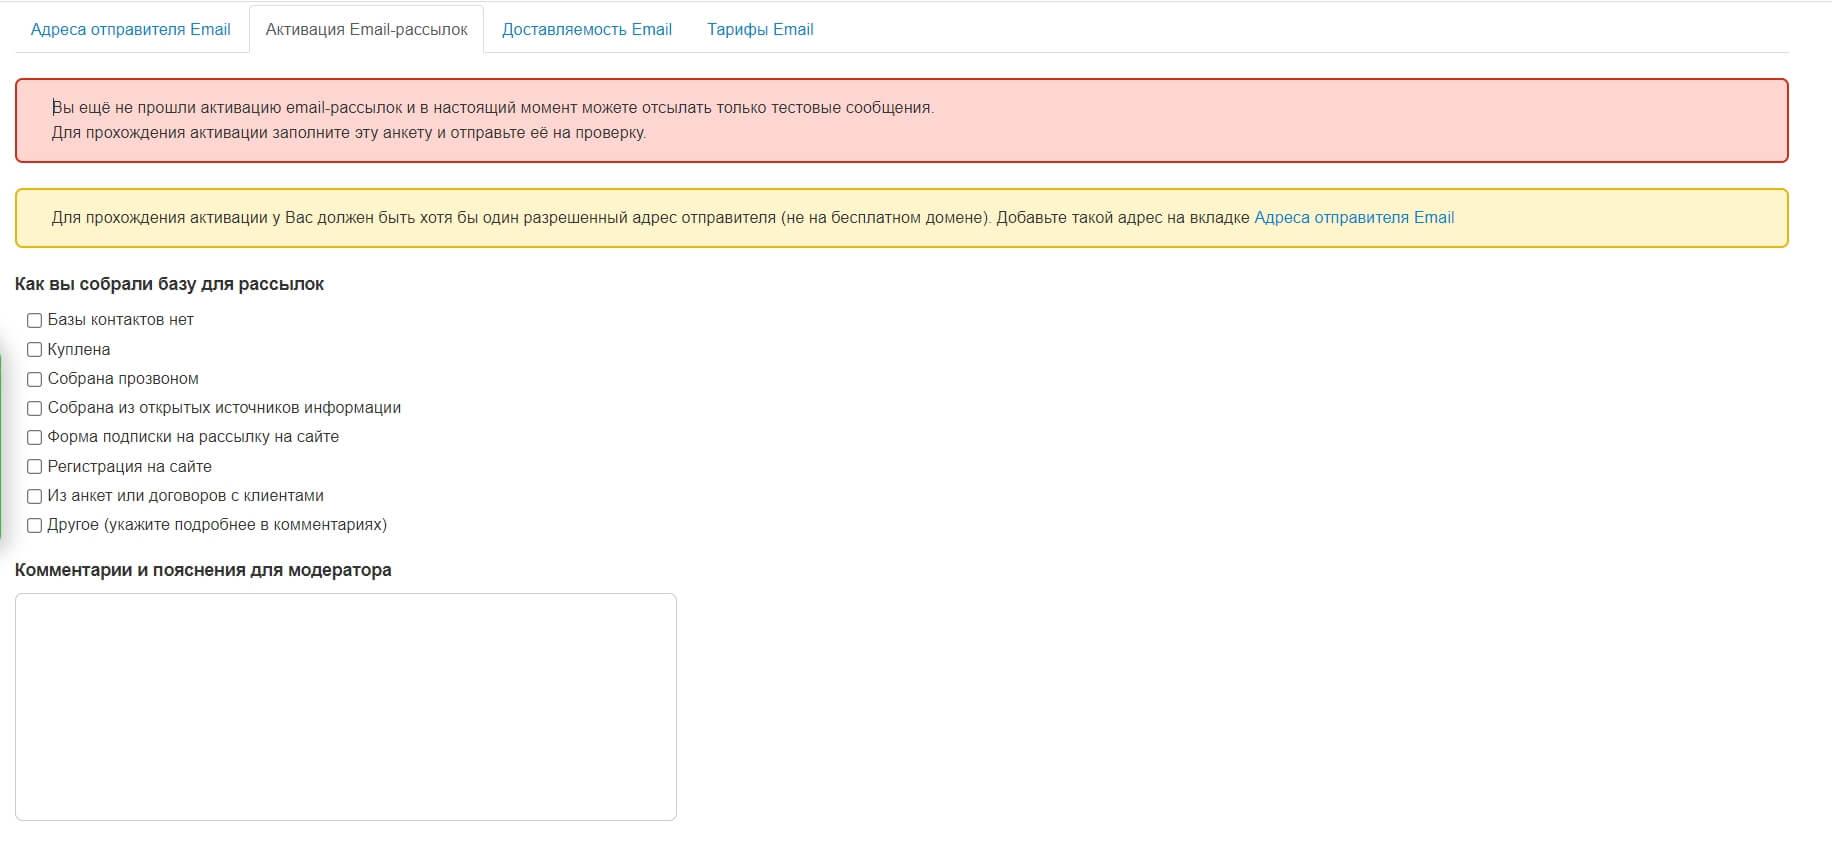 анкета для активации рассылок в Mail365